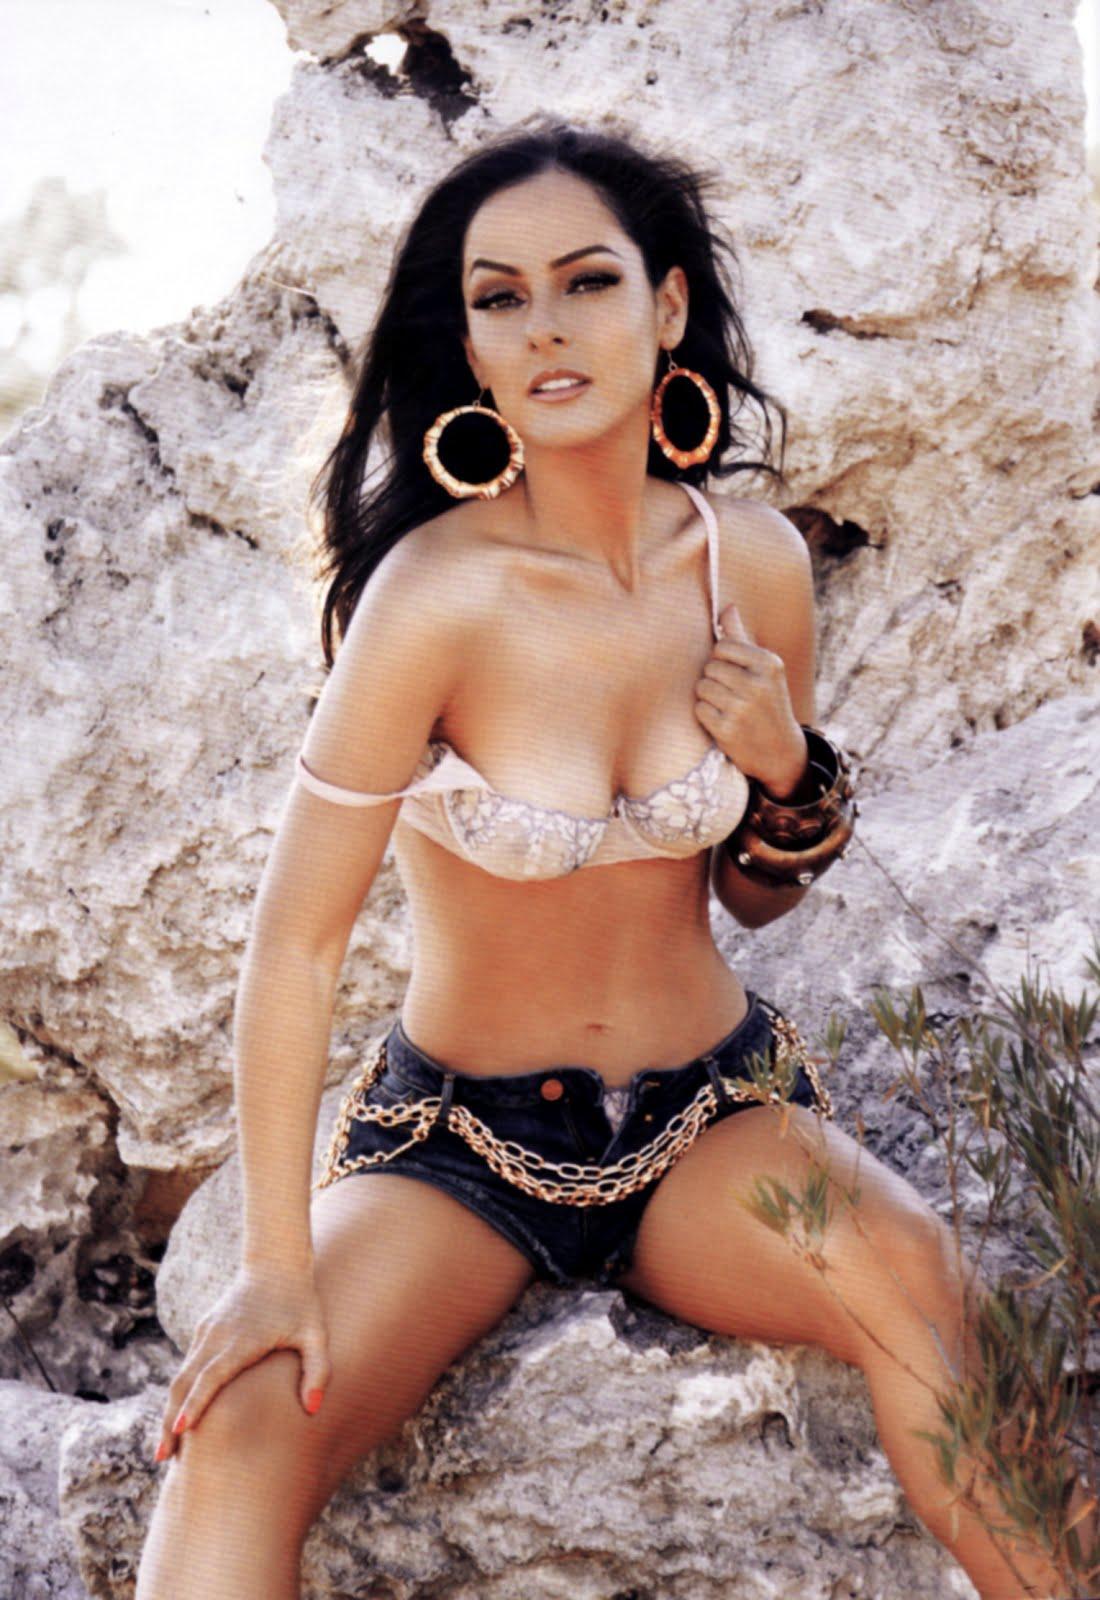 Andrea Garcia en Playboy Octubre 2012 - Fotos